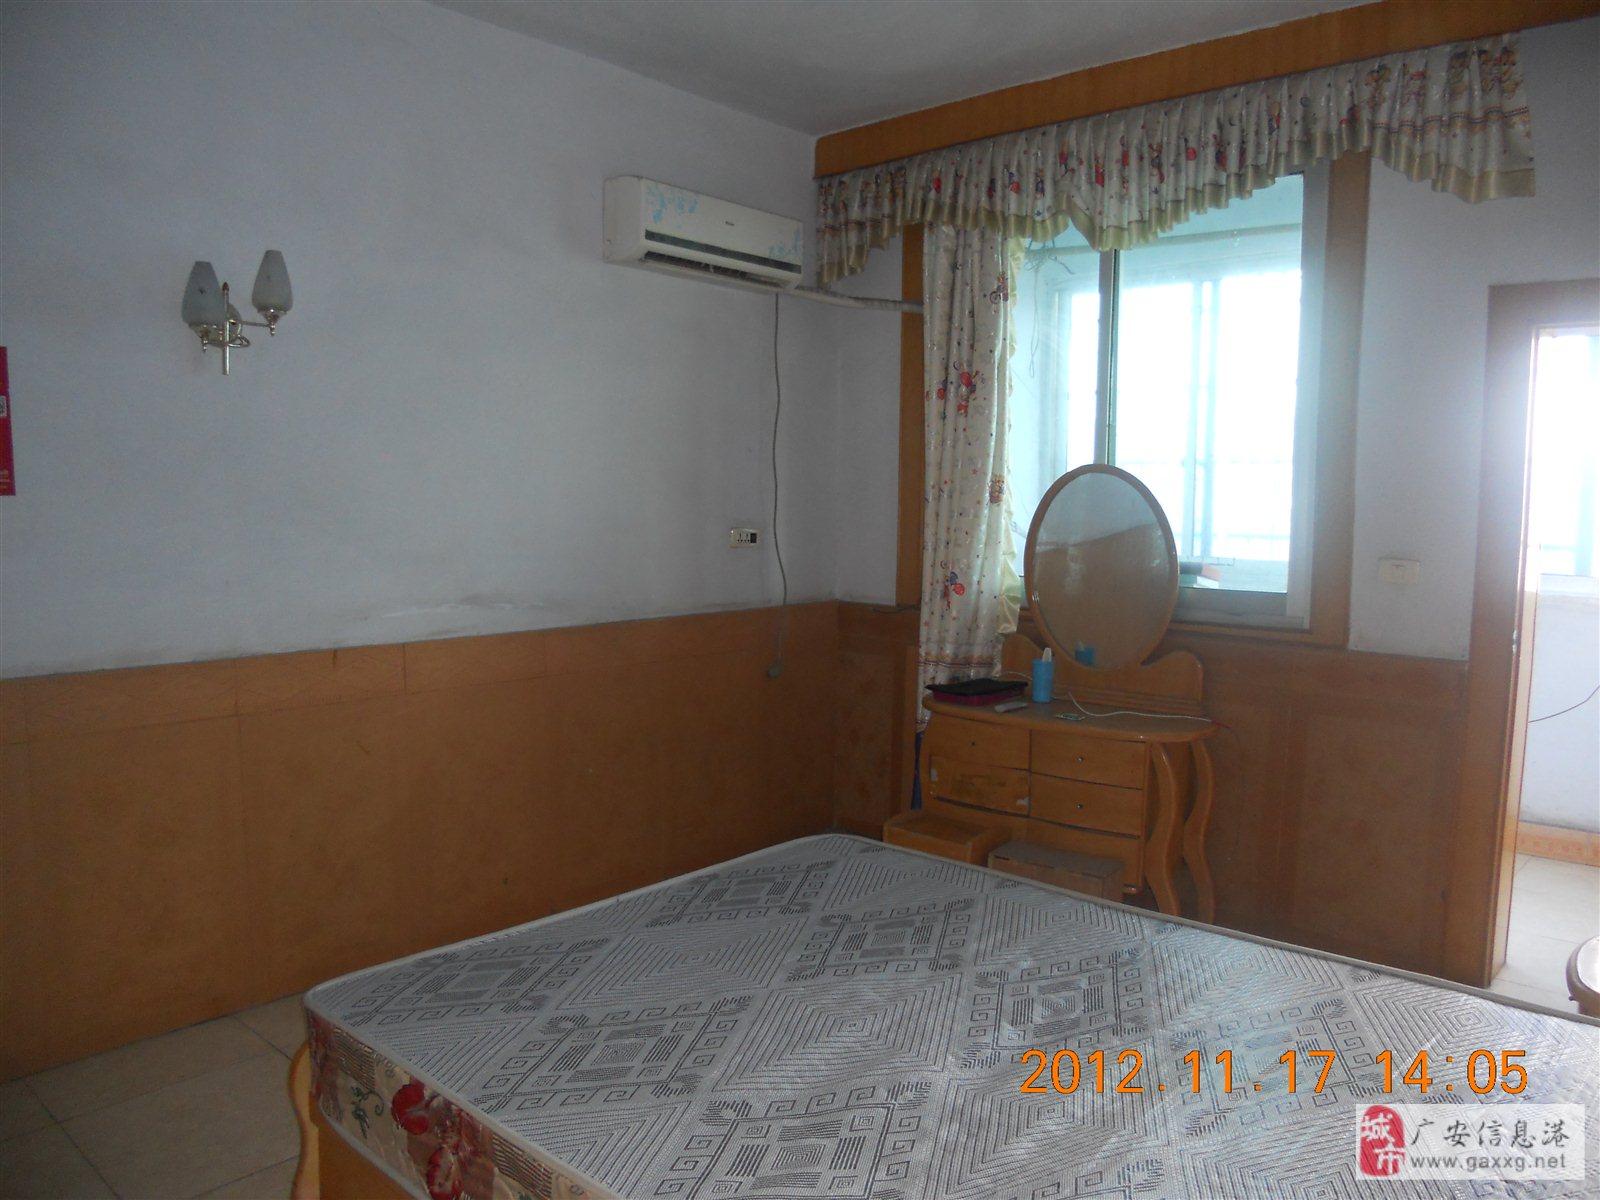 国际商业中心旁思贤公寓3室2厅1卫52万元